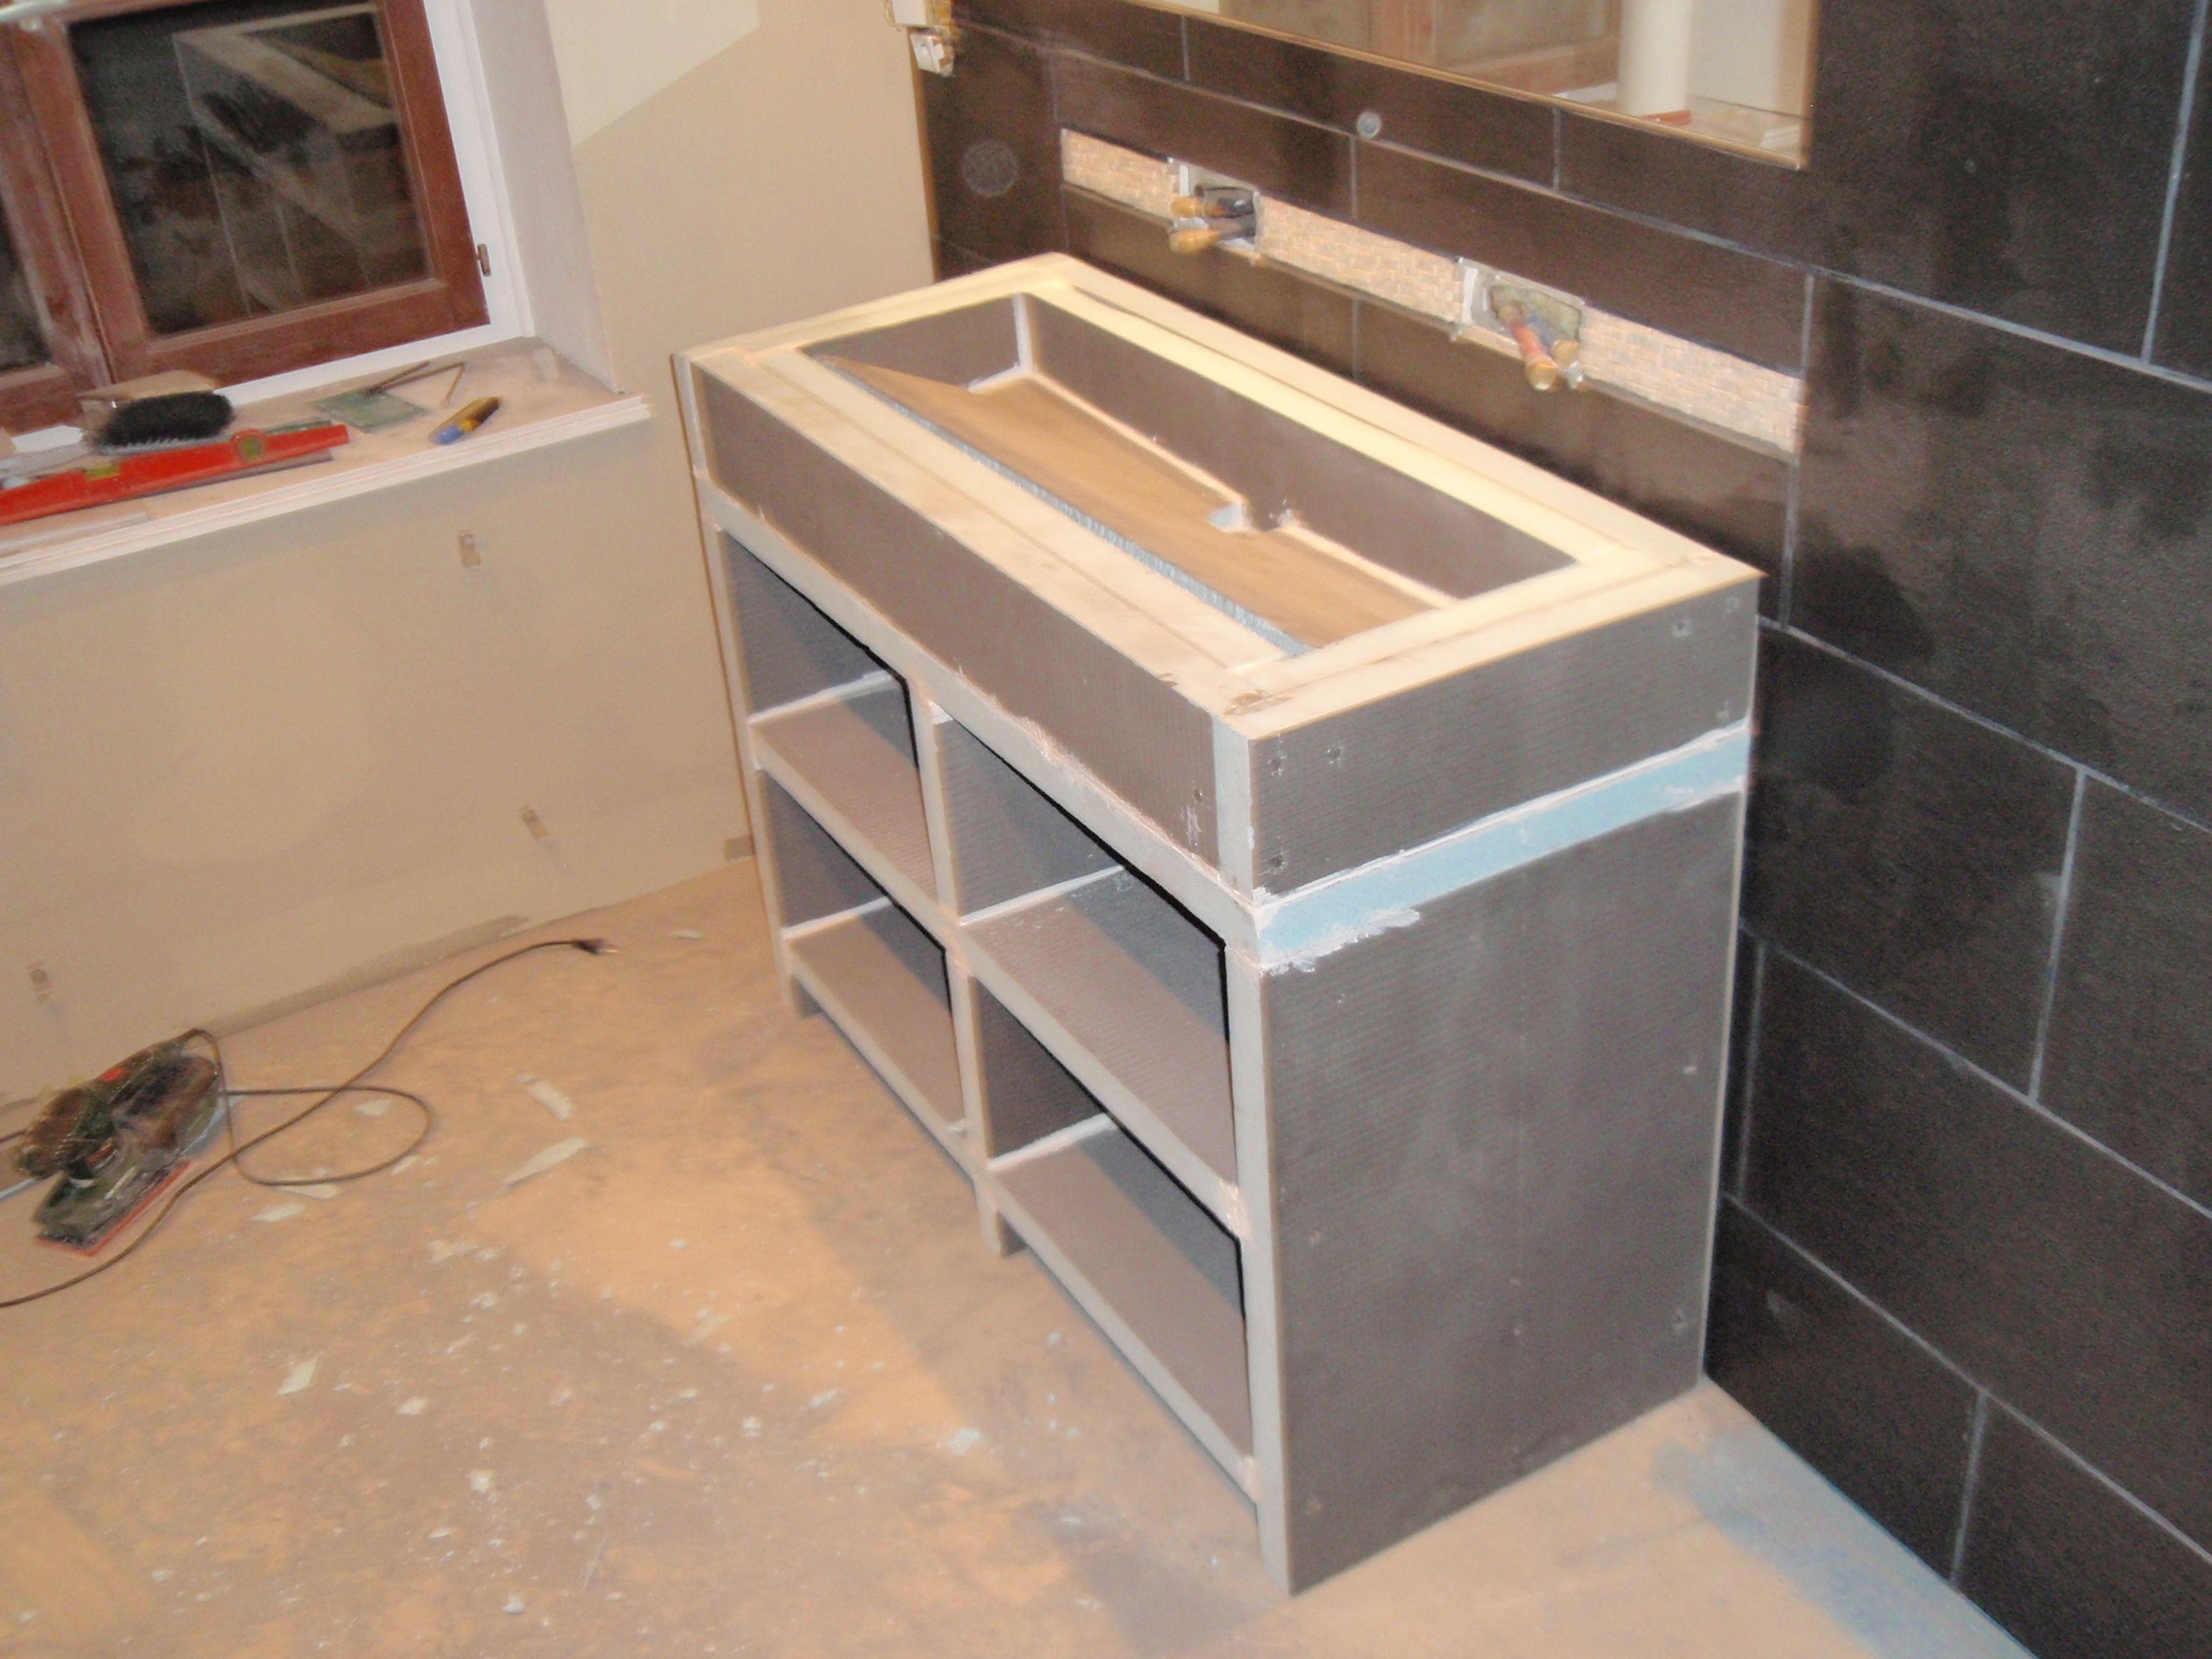 Fabrication de la vasque | Salle de bain | Diy meuble salle de bain ...